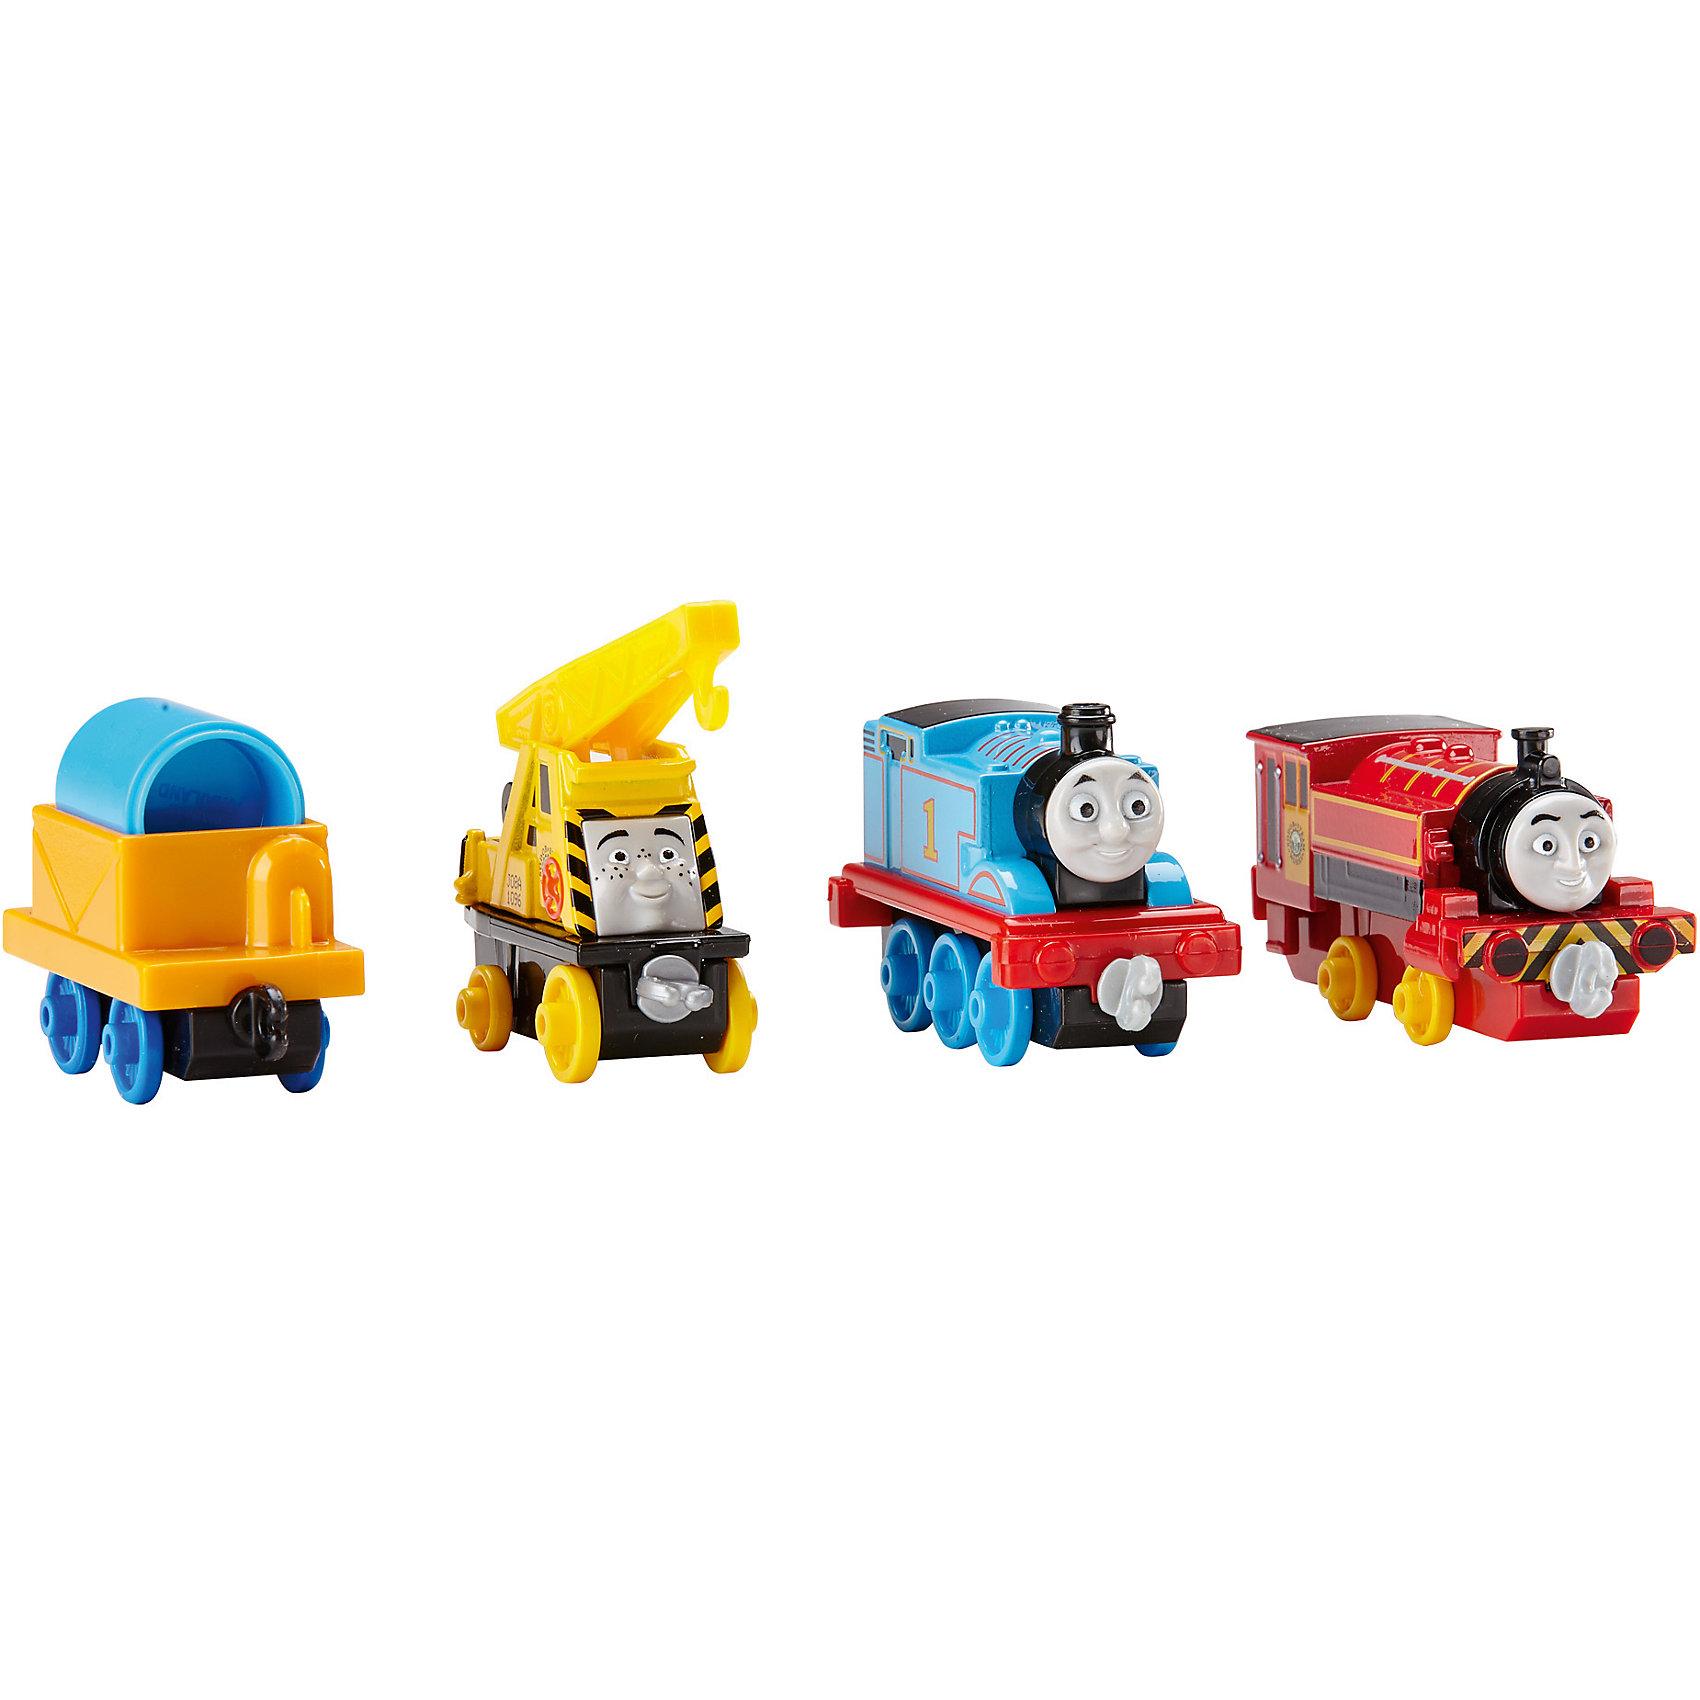 Игровой набор, Томас и его друзьяТомас и его друзья<br>Игровой набор Томас, и его друзья из серии Collectible Railway - это грузовой кран и два очаровательных паровозика, выполненные в виде героев любимого детского мультфильма Thomas &amp; Friends. Для того, чтобы игра была веселее к ним добавлен вагончик для перевозки грузов, который можно прикрепить к любому из паровозов, что позволит ребенку придумать и разыграть еще больше увлекательных сюжетов. Корпуса фигурок выполнены из литого металла, что делает их долговечными и устойчивыми к поломкам. Паровозы и вагончики окрашены в яркие цвета и сразу привлекают внимание ребенка даже если он еще не знаком с их мультипликационными прототипами. В процессе производства игрушек были использованы только нетоксичные материалы. При соблюдении рекомендаций, данных производителем, набор безопасен для детей.<br><br>Дополнительная информация:<br><br>- возраст: от 3 лет.<br>- материал: металл, пластик.<br>- размер упаковки: 25,5*13*3,5 см.<br>- вес: 200 г.<br>- в комплекте: 2 паровозика и грузовой кран<br>- страна обладатель бренда: США.<br><br>Паровозики, Томас и его друзья торговой марки   Fisher-Price (Фишер Прайс)   можно купить в нашем интернет-магазине<br><br>Ширина мм: 35<br>Глубина мм: 130<br>Высота мм: 255<br>Вес г: 241<br>Возраст от месяцев: 36<br>Возраст до месяцев: 120<br>Пол: Мужской<br>Возраст: Детский<br>SKU: 5047635